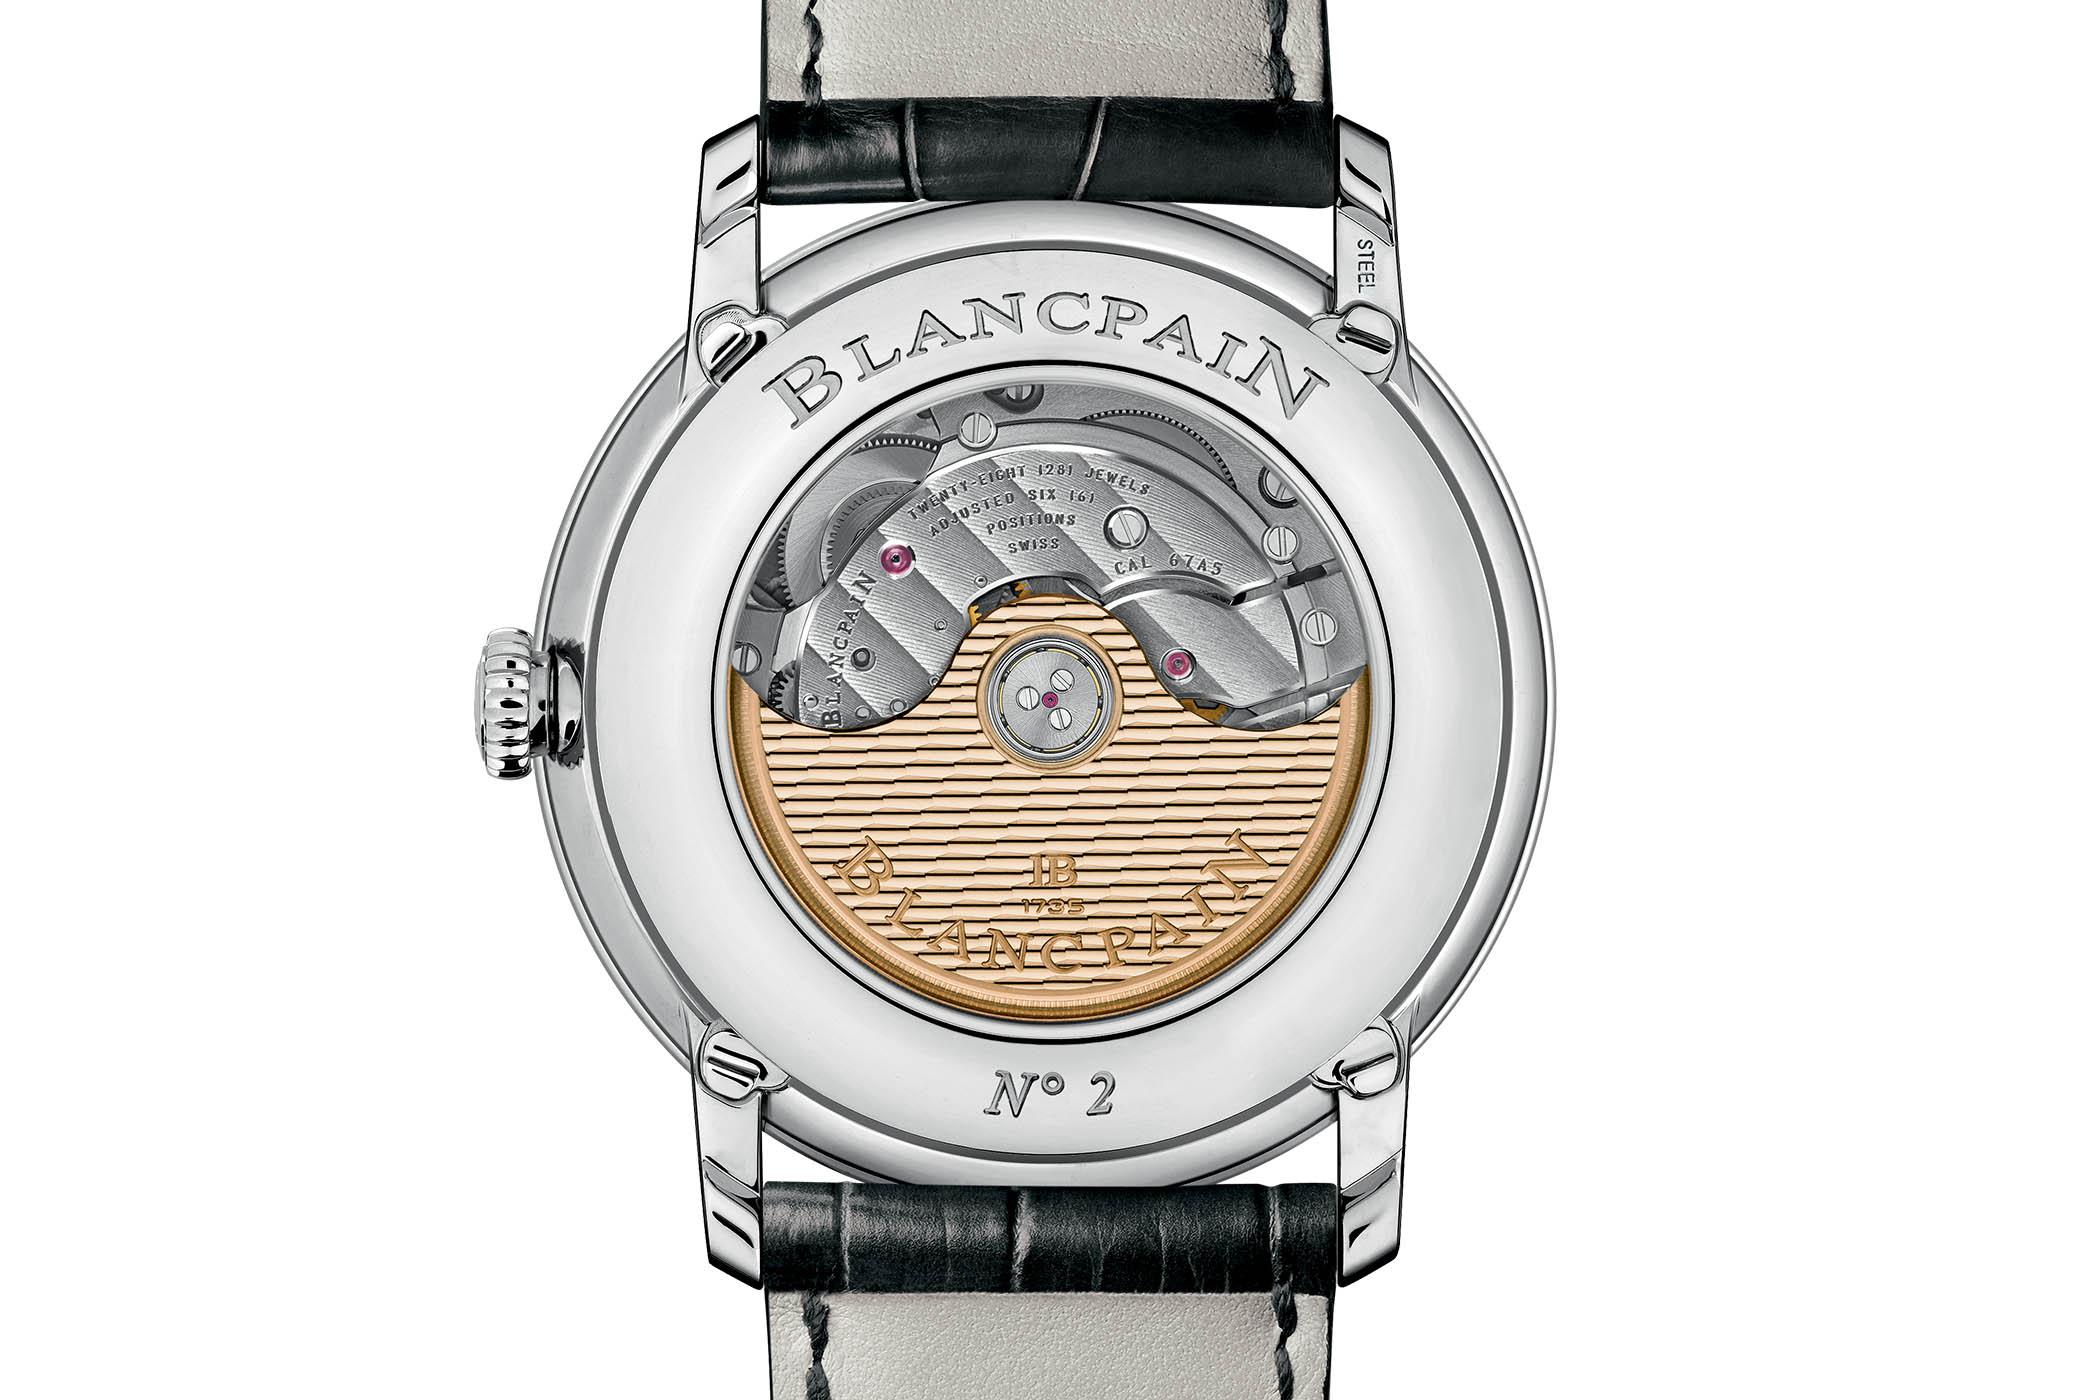 Blancpain Villeret Quantieme Complet GMT - Pre-Baselworld 2018